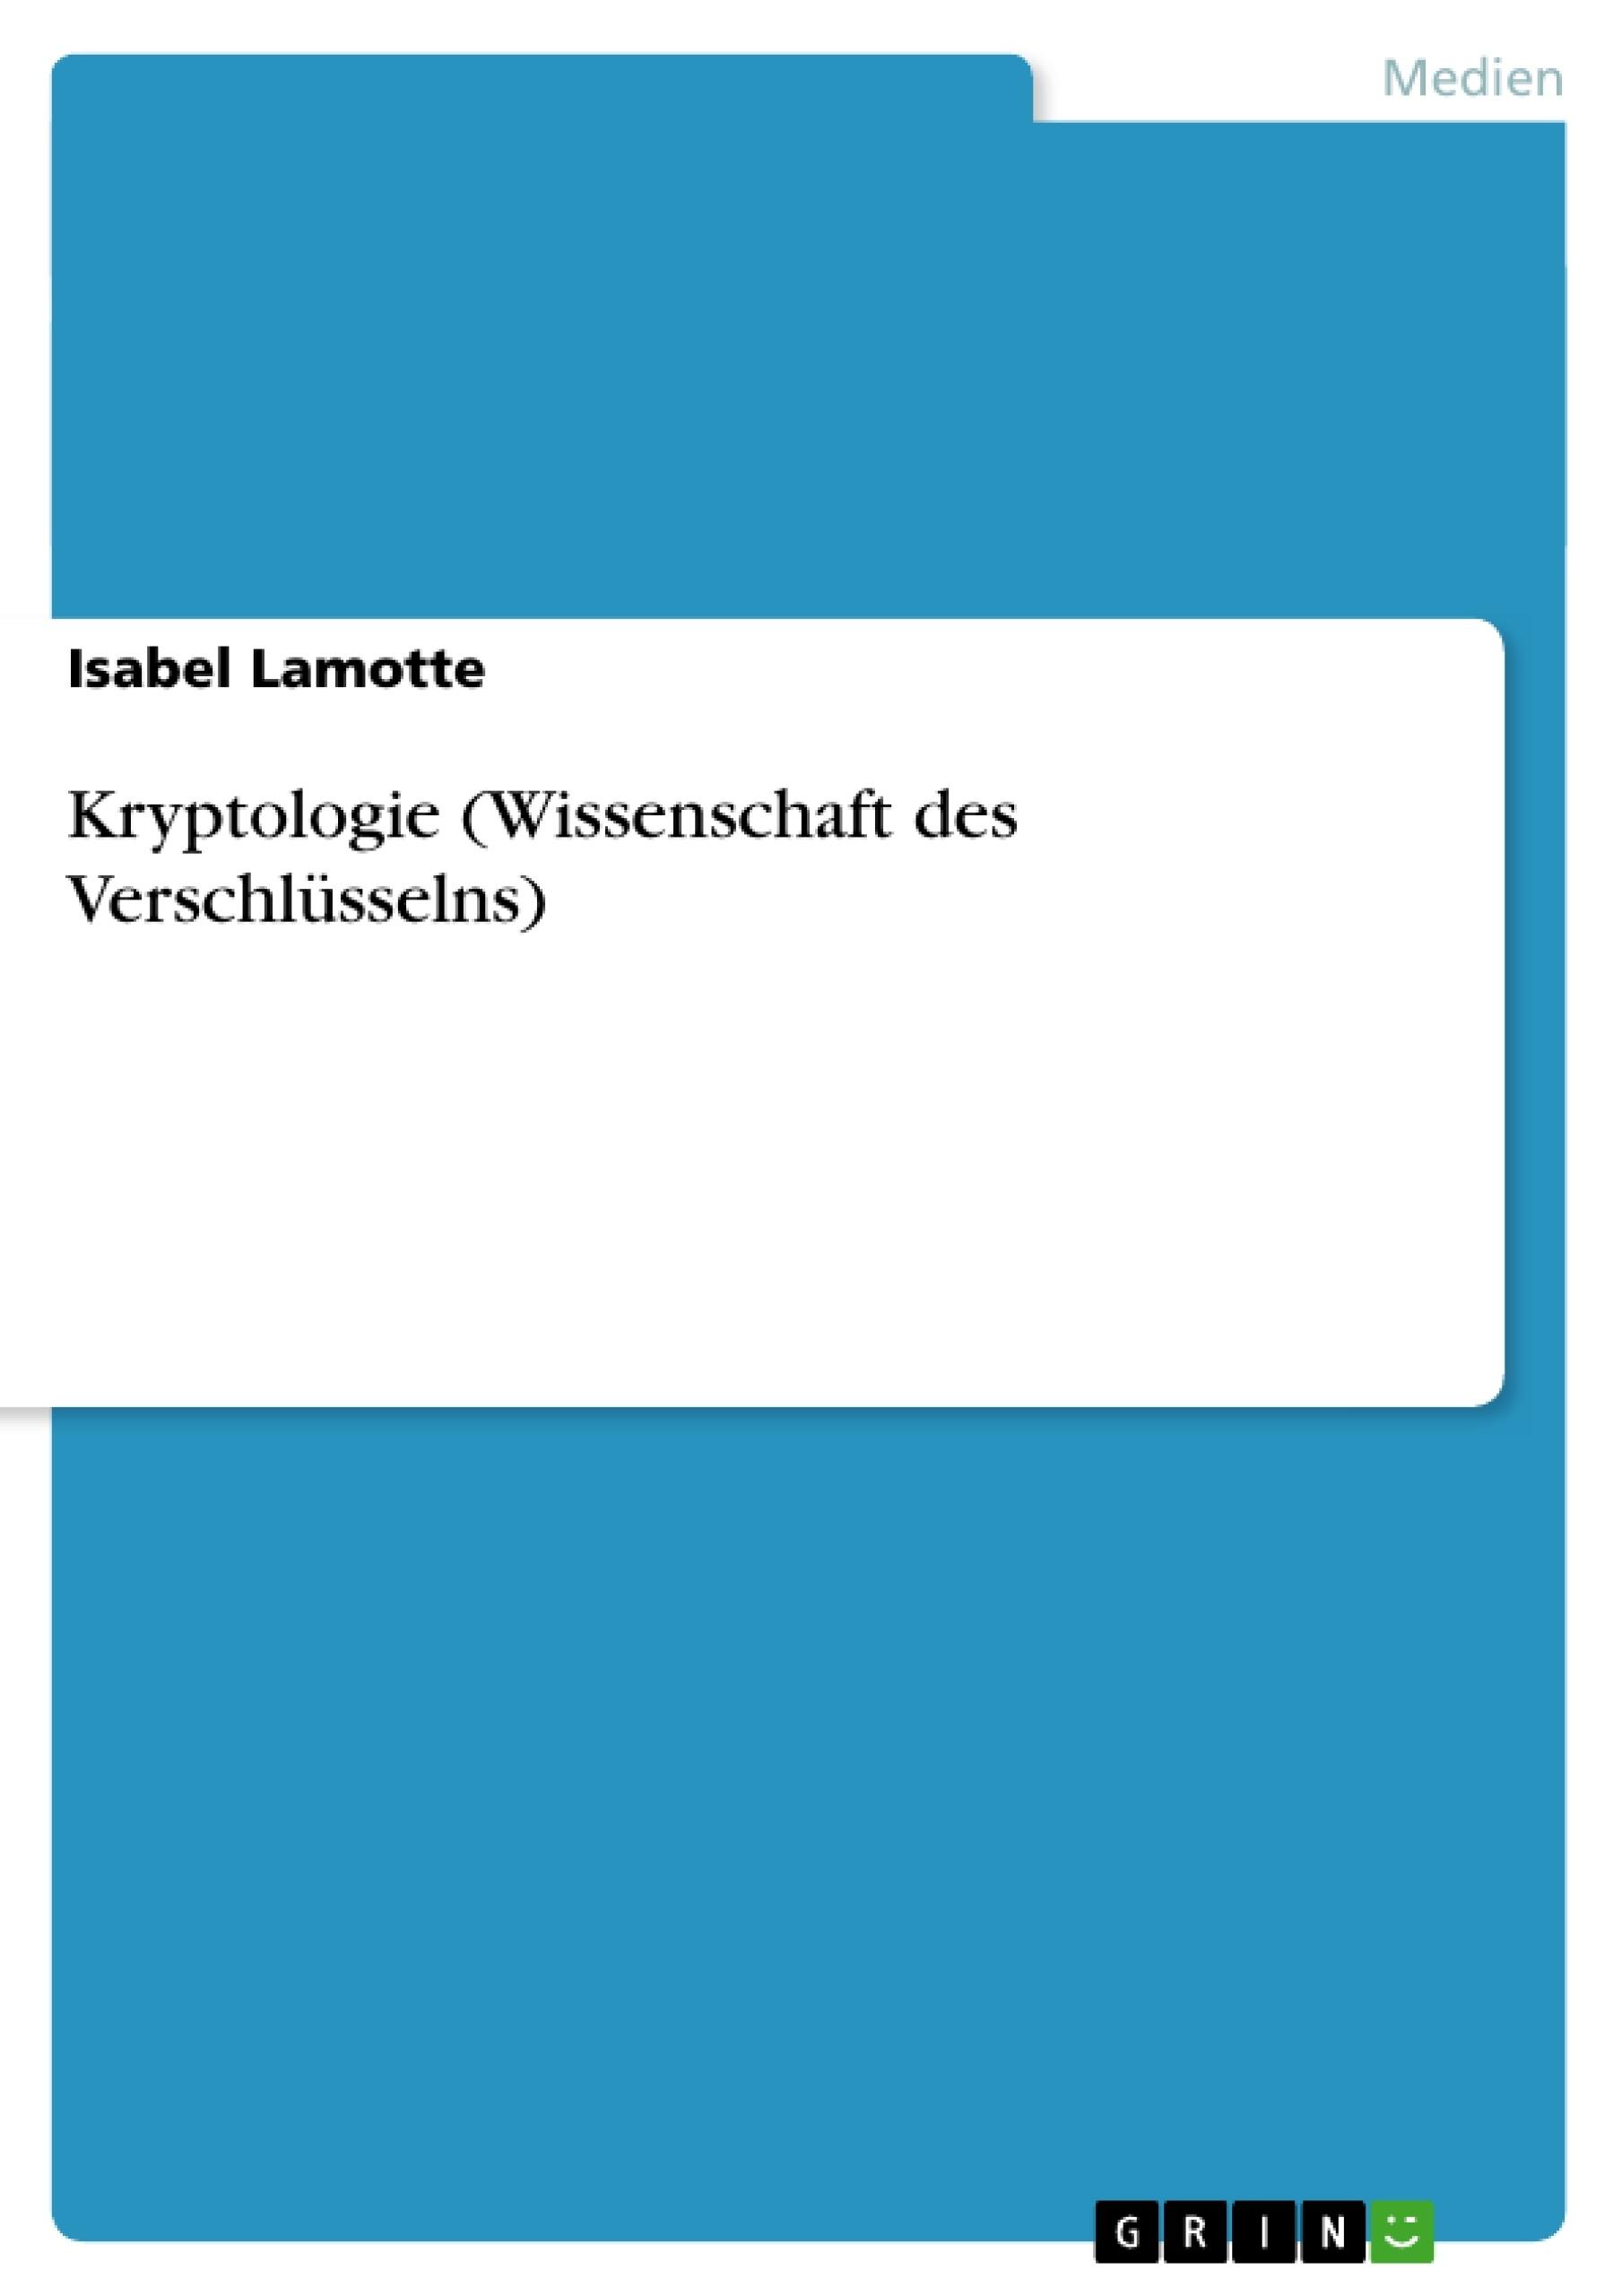 Titel: Kryptologie (Wissenschaft des Verschlüsselns)